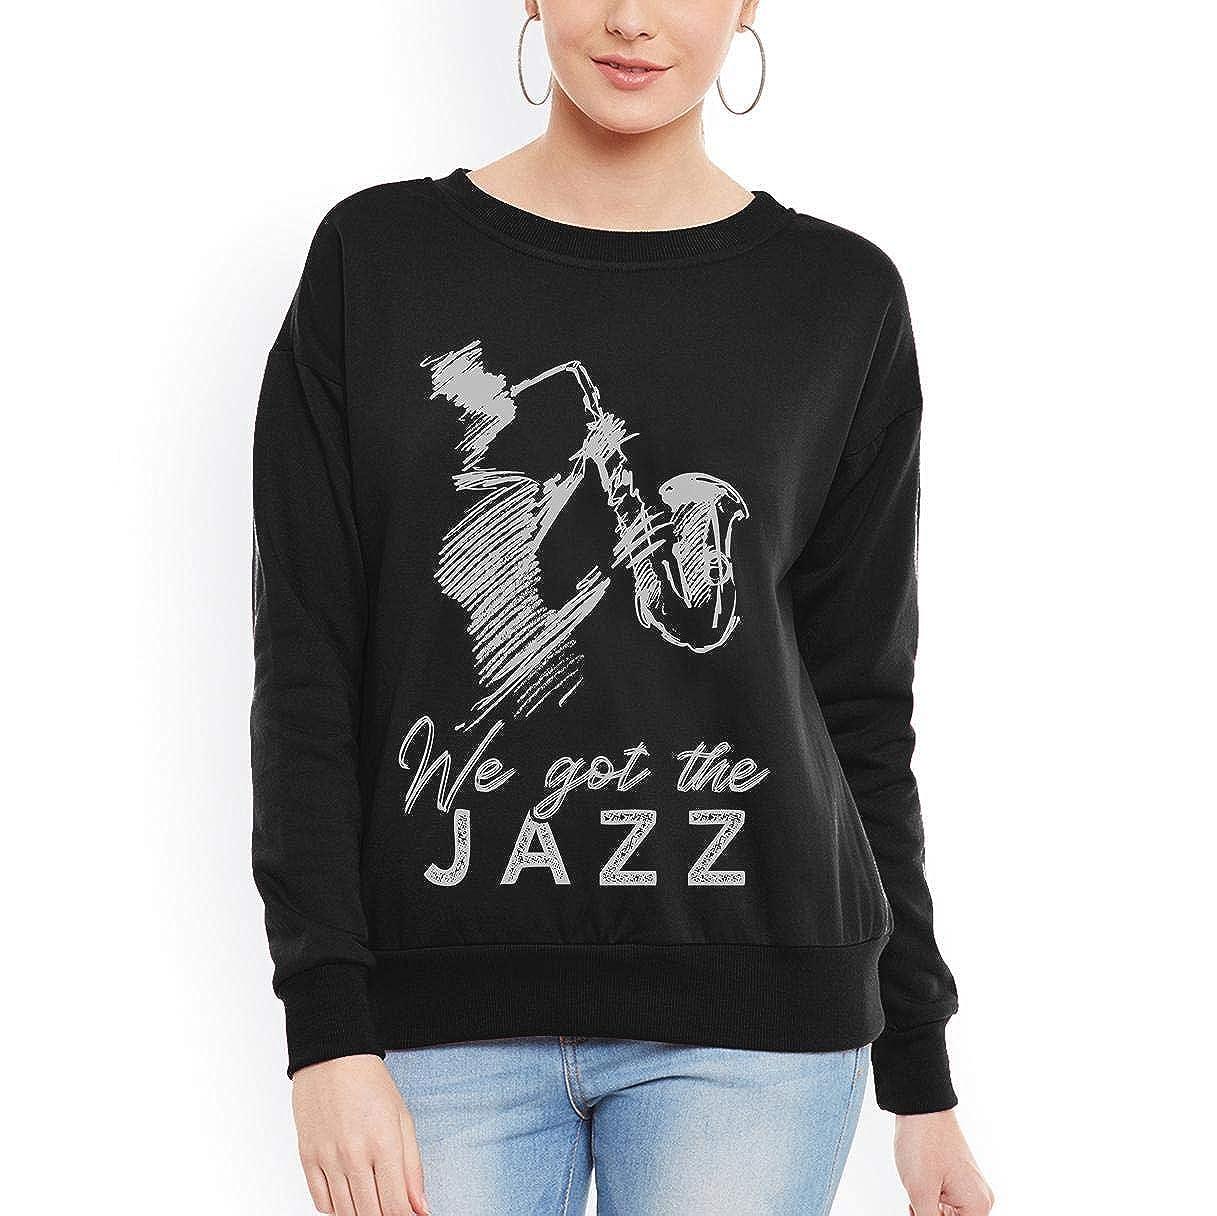 tee Doryti We Got The Jazz Rhythm Saxophone Music Musician Women Sweatshirt